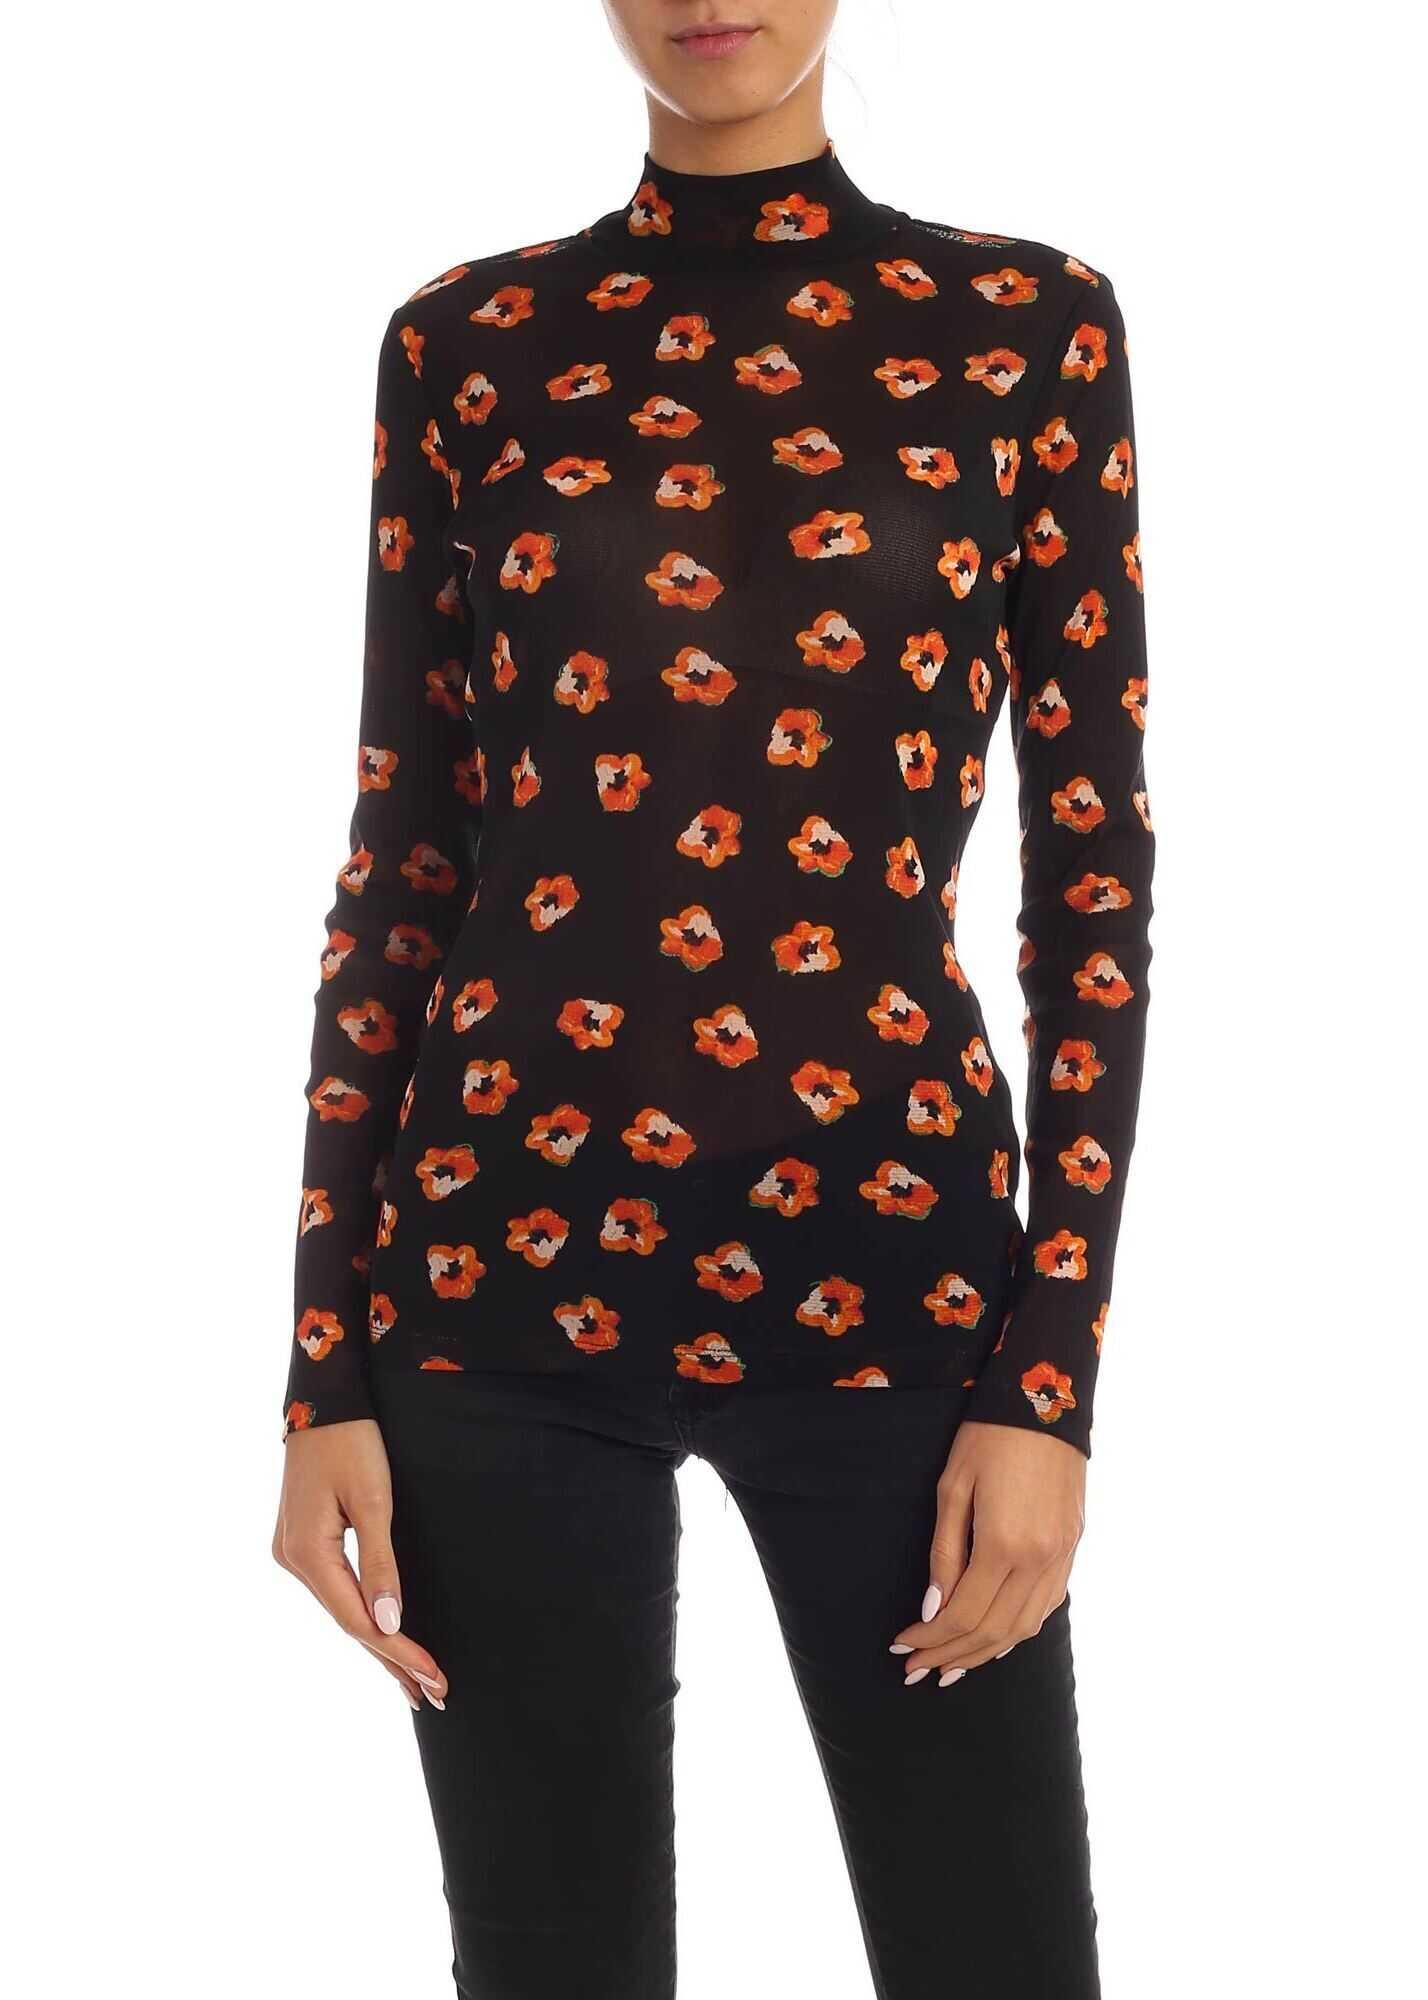 Diane von Furstenberg Remy Printed T-Shirt In Black Black